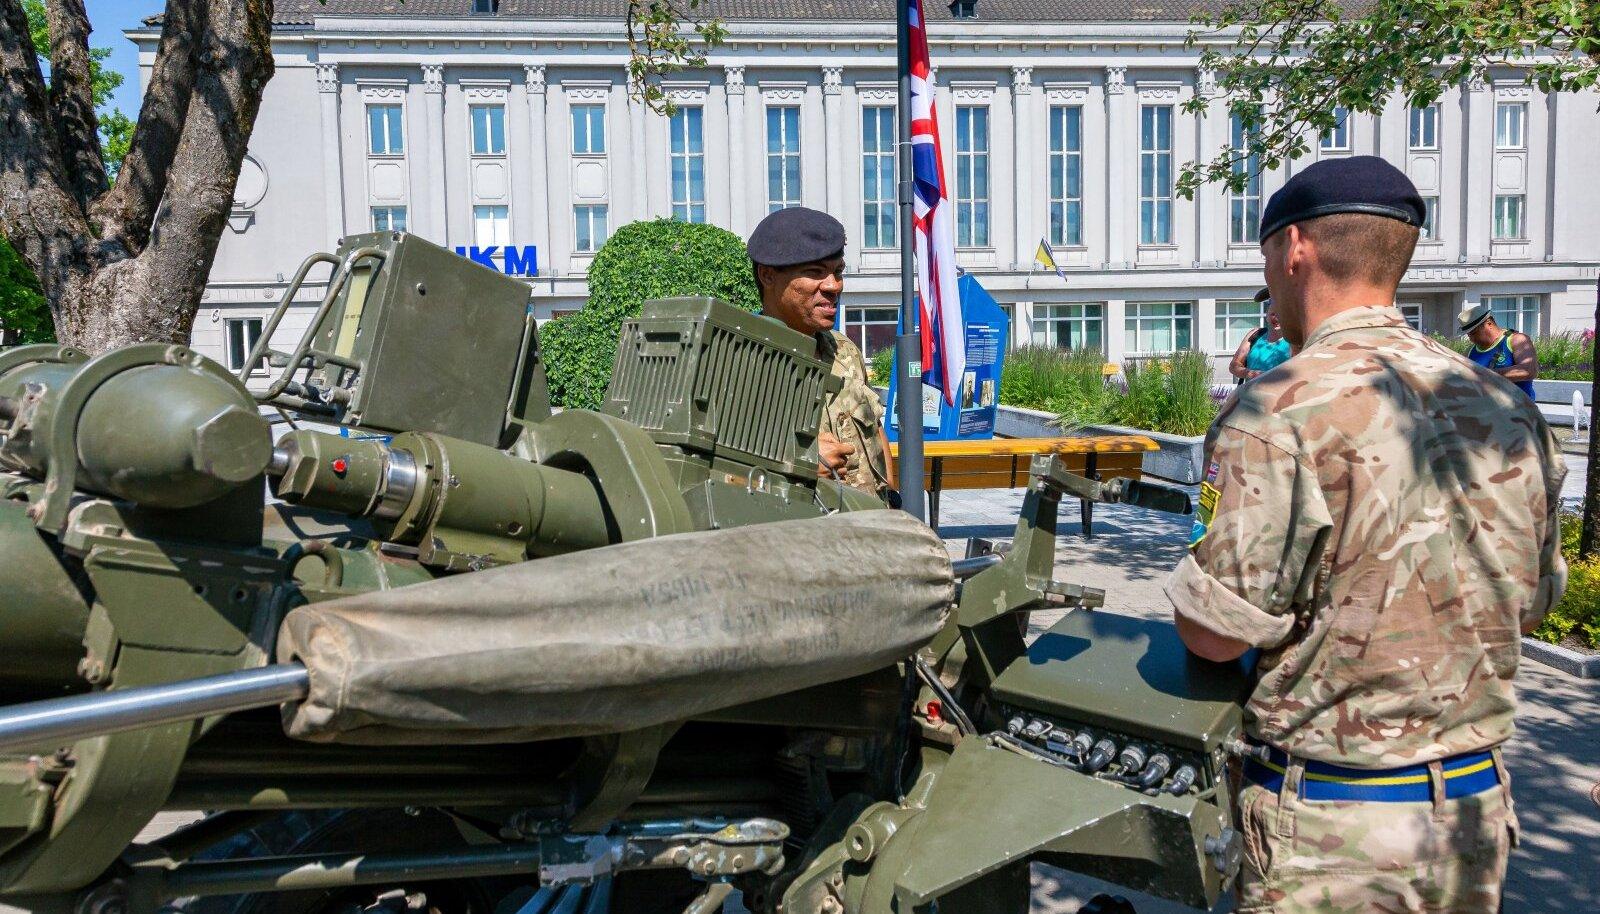 NATO sõjatehnika ja velotuur Pärnus Iseseisvuse väljakul